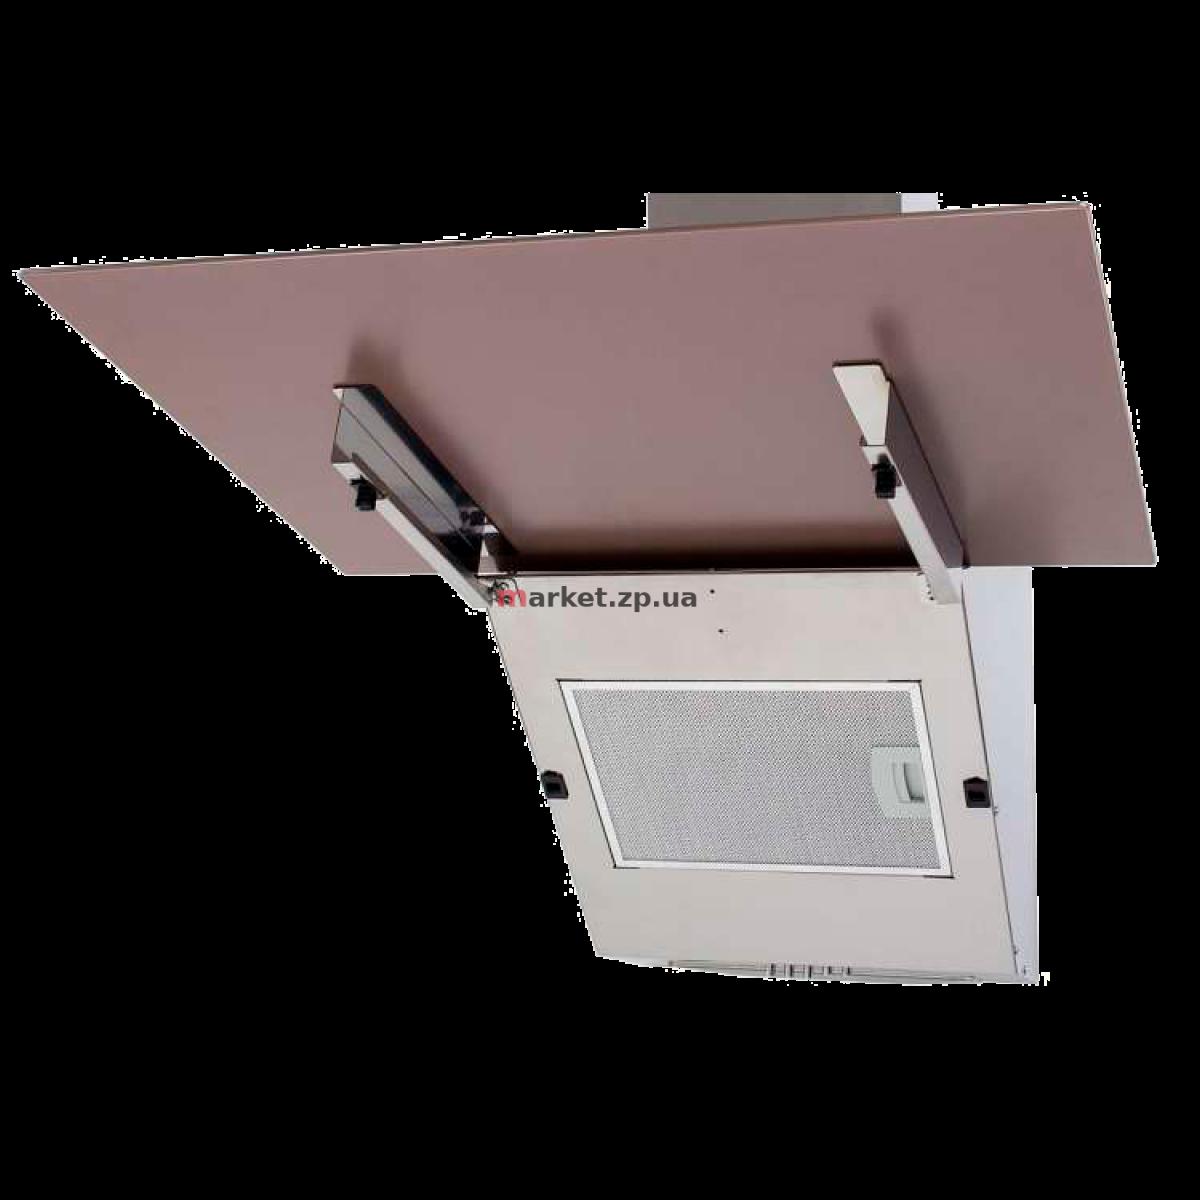 Вытяжка VENTOLUX MIRROR 60 SAND (750) PB бежевое стекло